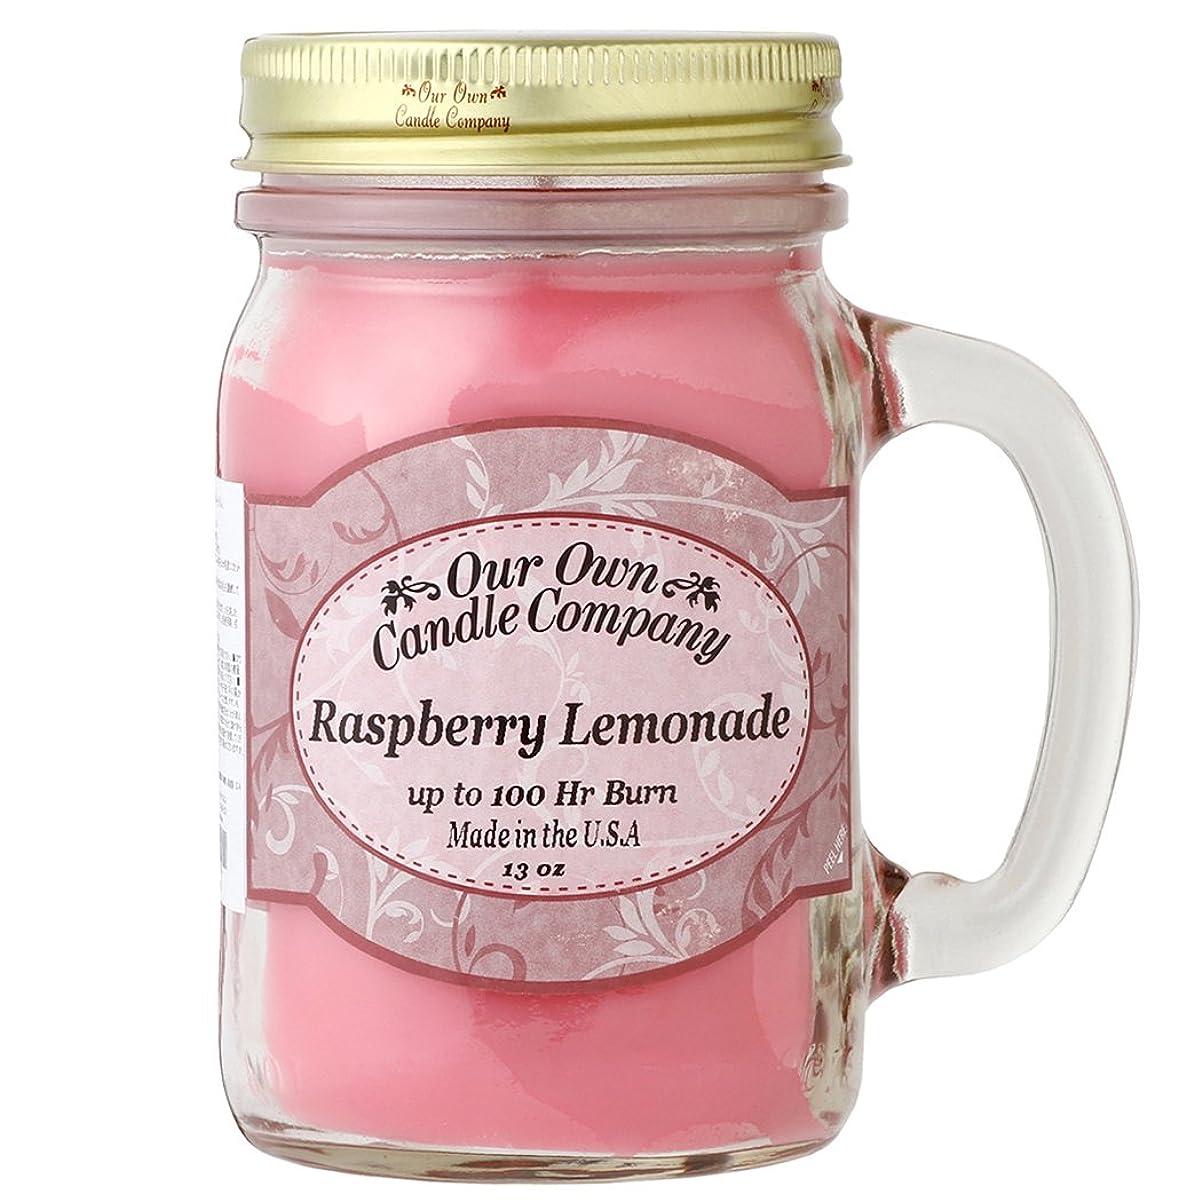 香ばしいオッズジュニアOur Own Candle Company メイソンジャーキャンドル ラージサイズ ラズベリーレモネード OU100096